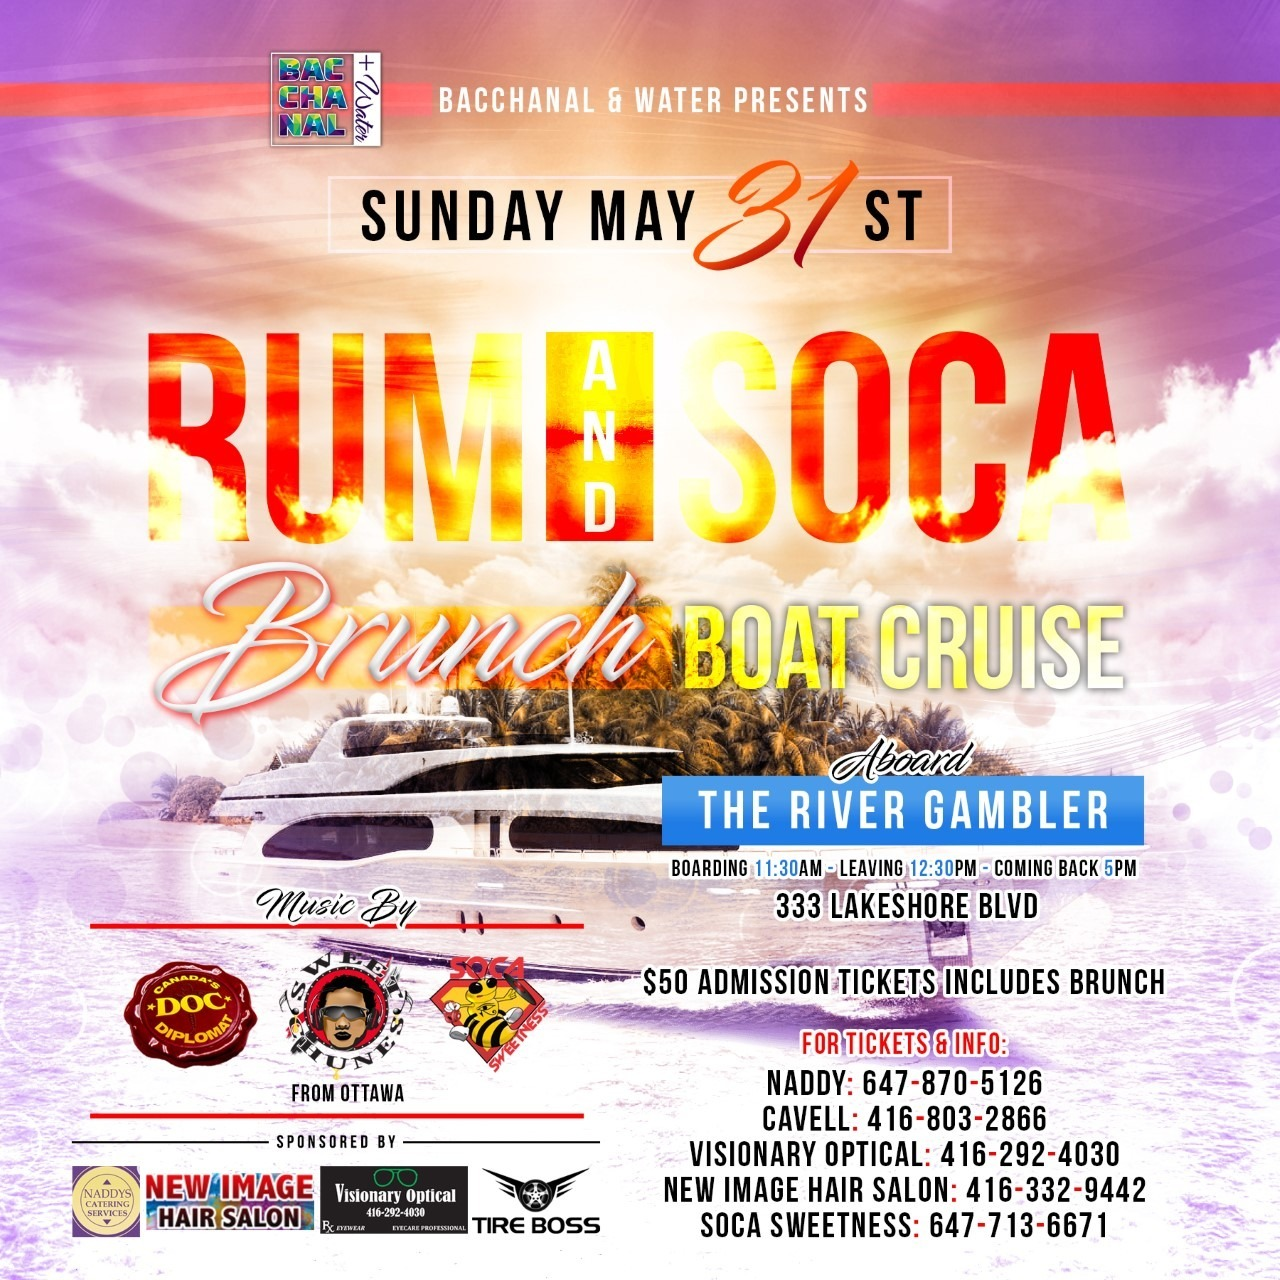 RUM & SOCA BRUNCH BOAT CRUISE